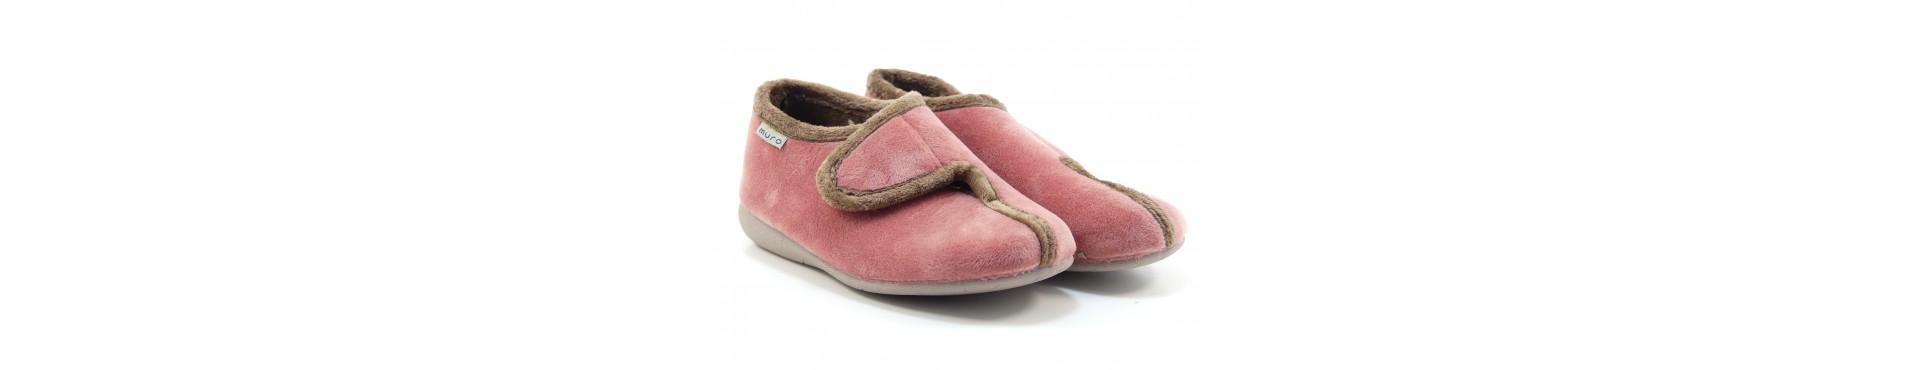 Zapatillas De Estar Por Casa Niña Comprar | Chapo